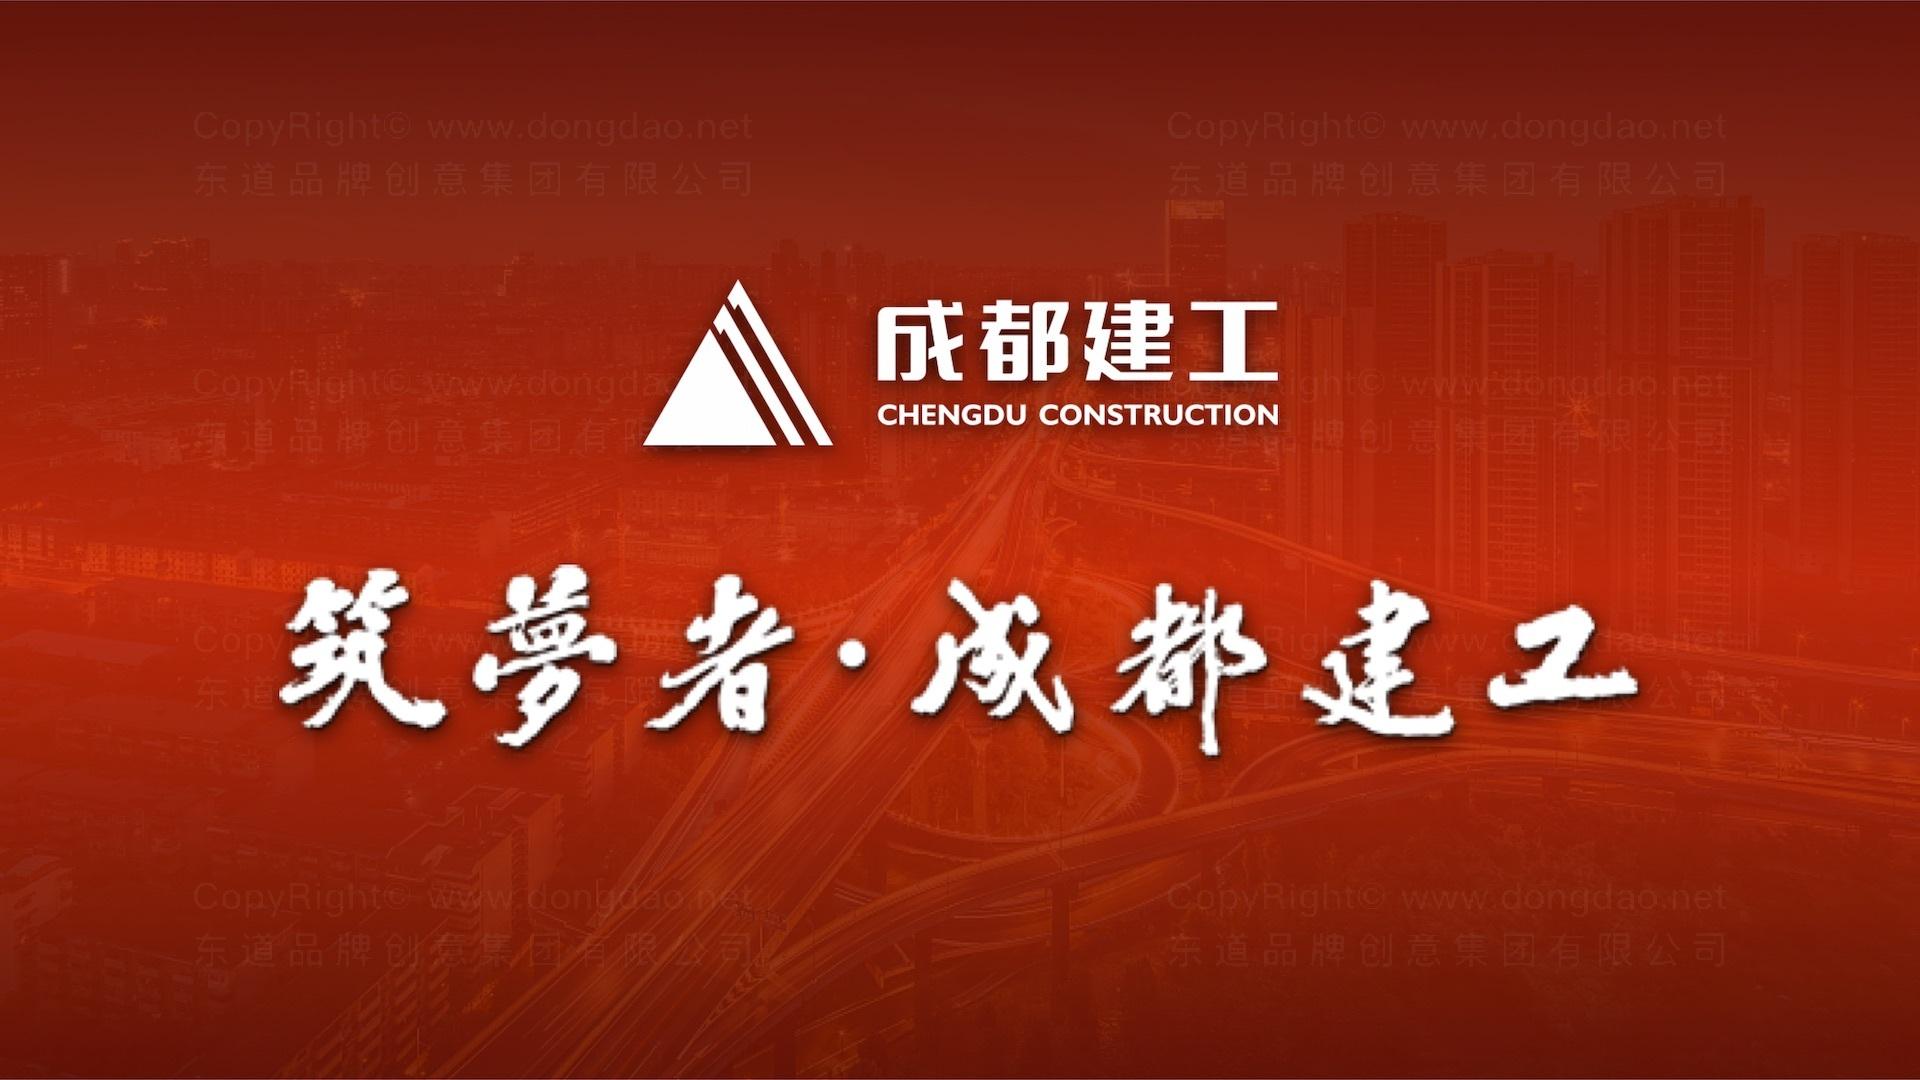 品牌战略&企业文化成都建工企业文化体系方案应用场景_11